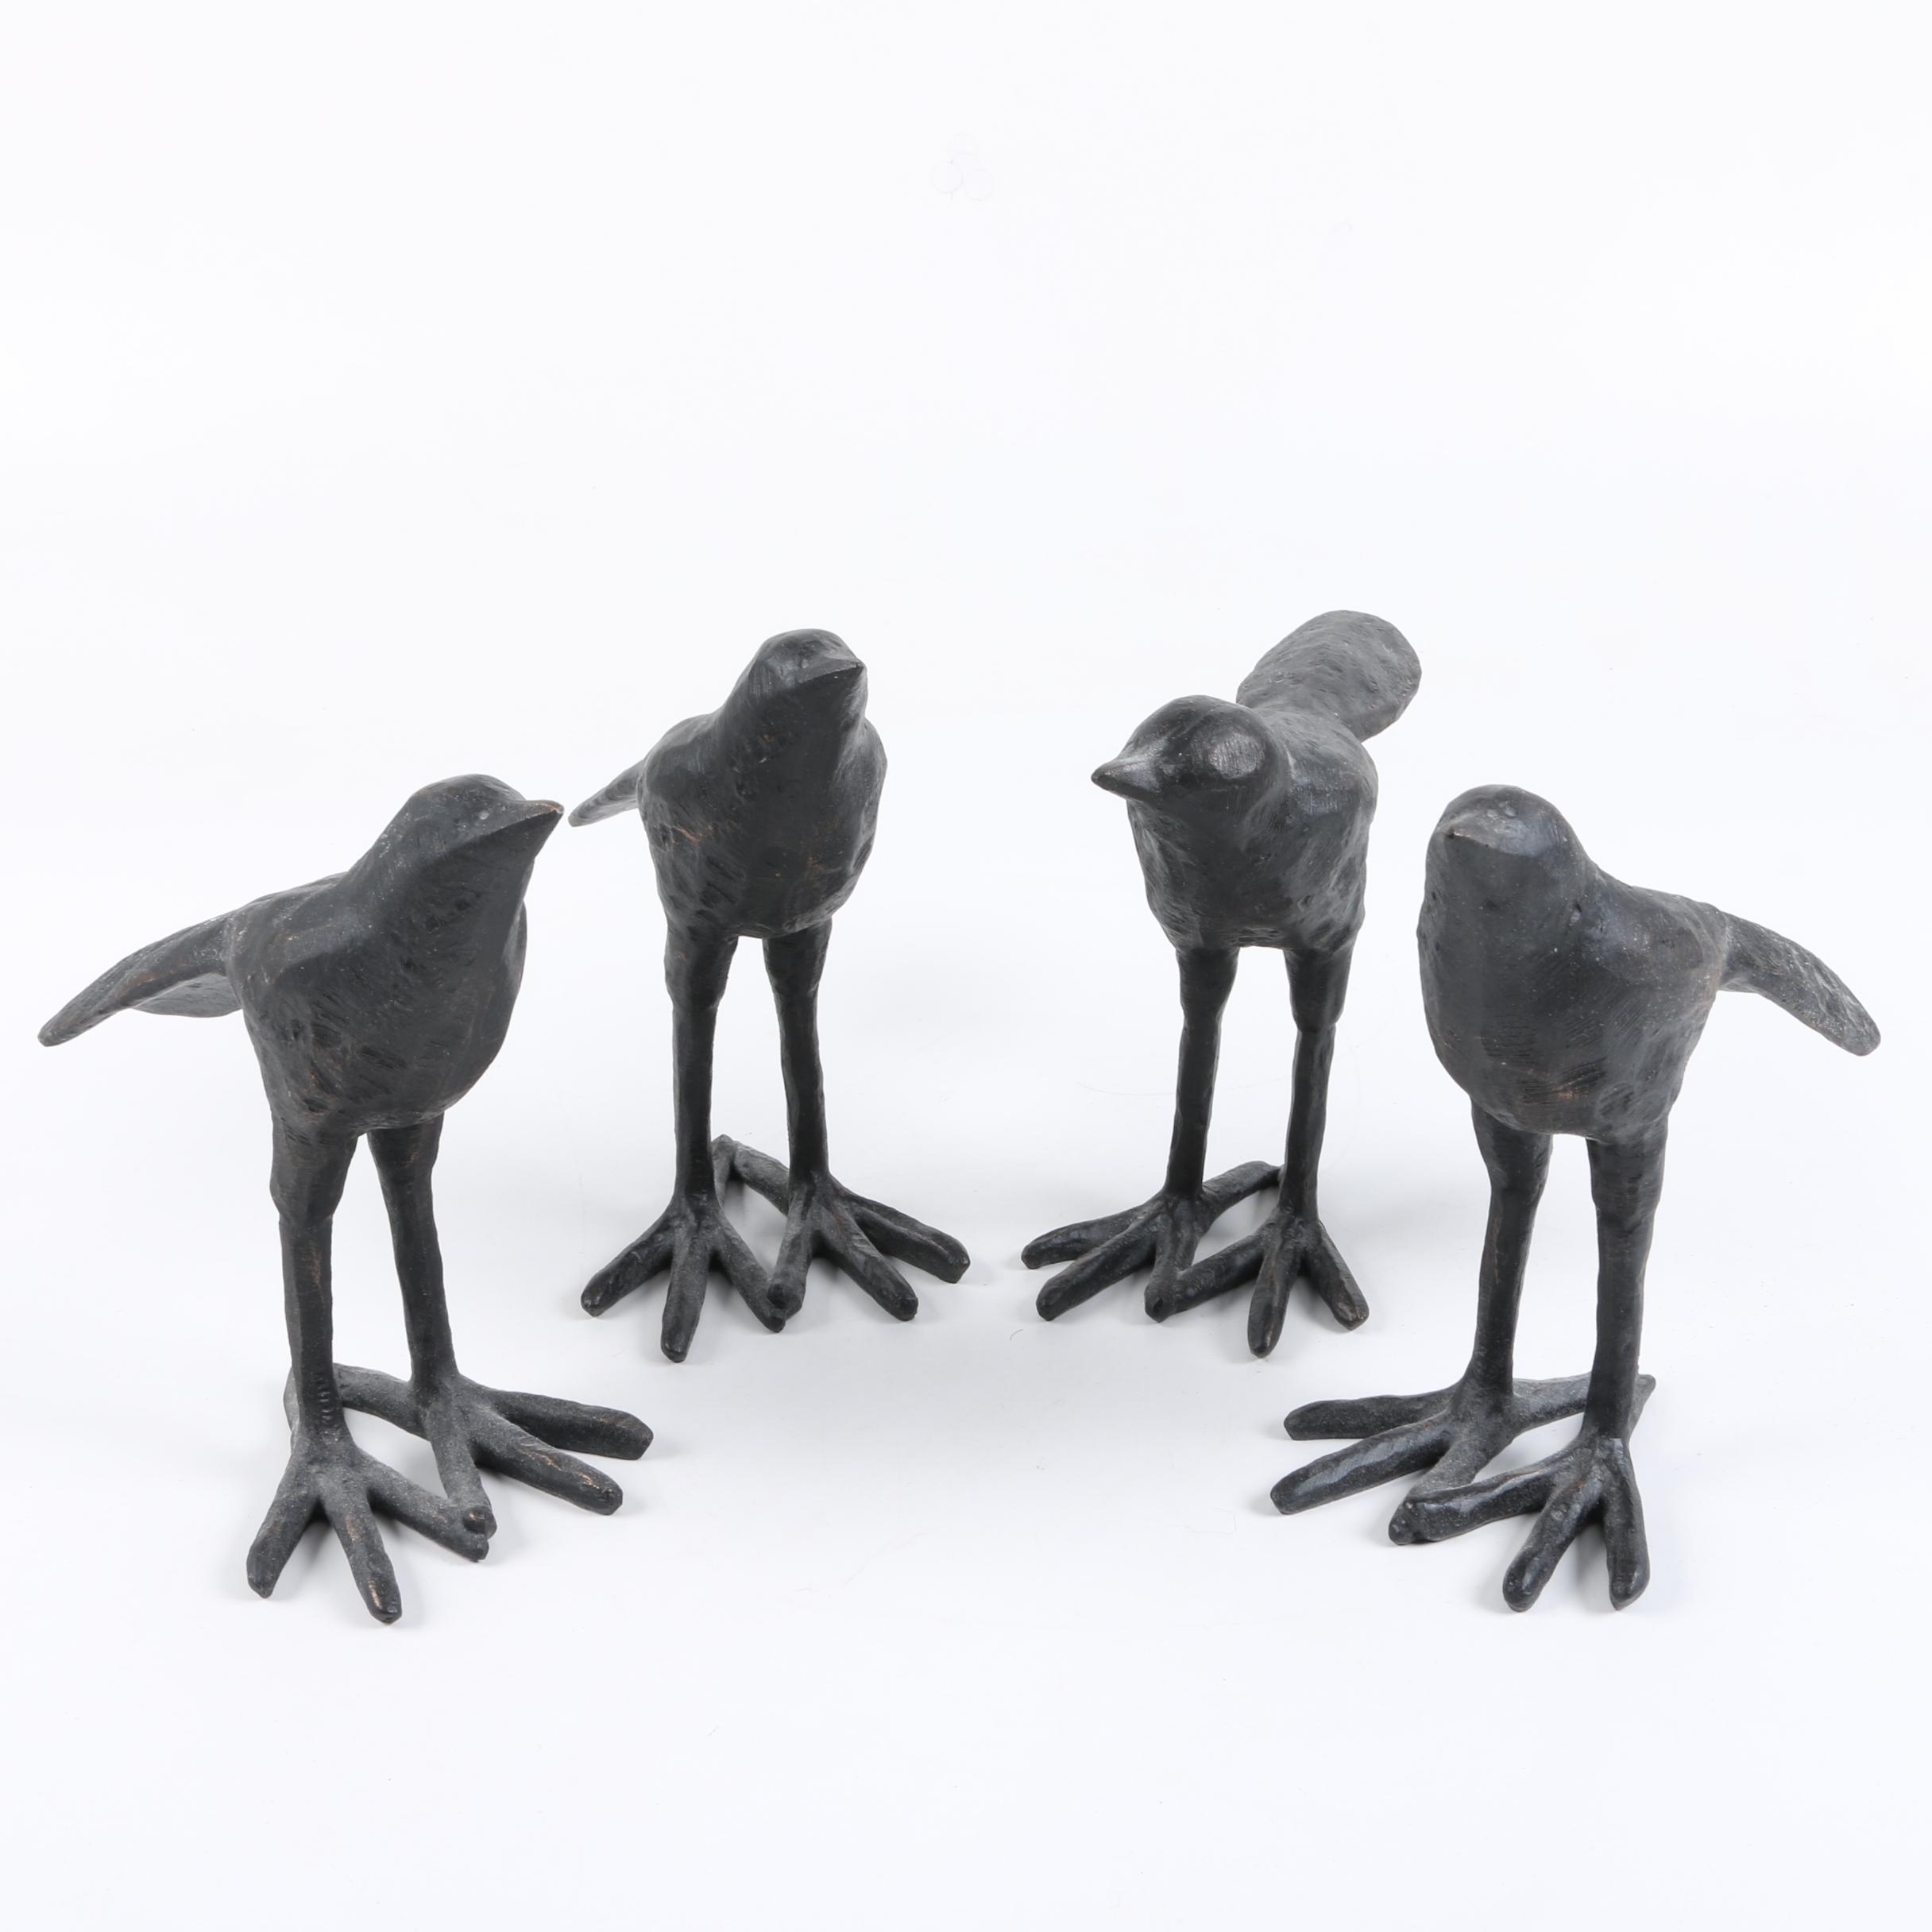 Wooden Bird Figurines